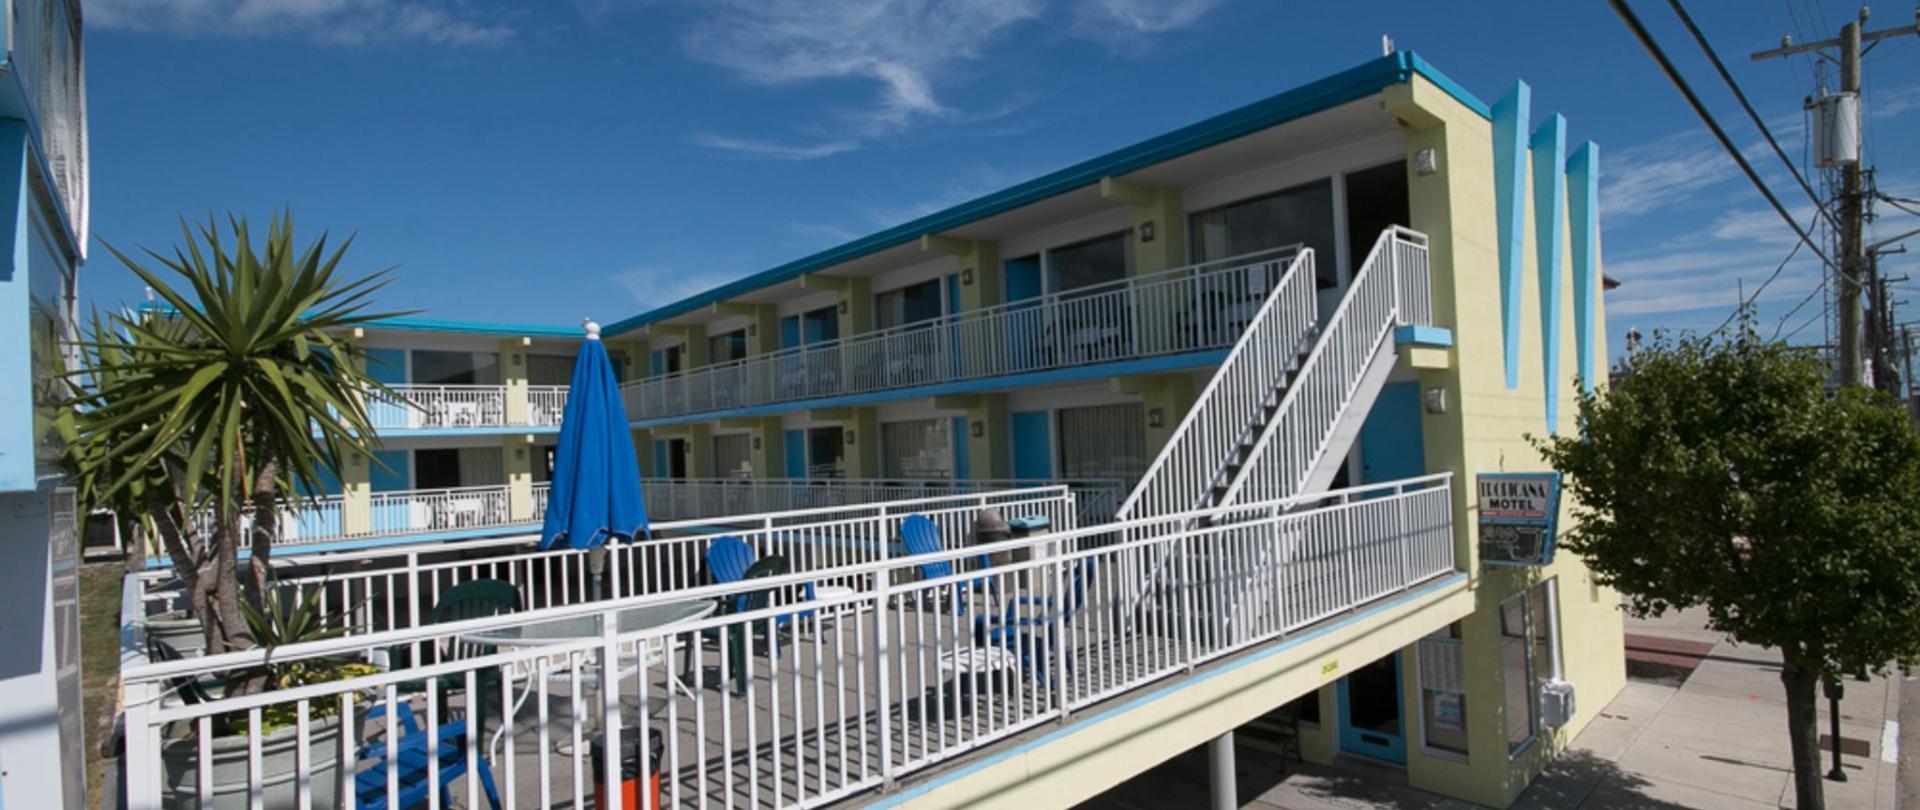 Tropicana Motel Exterior NE View.jpg